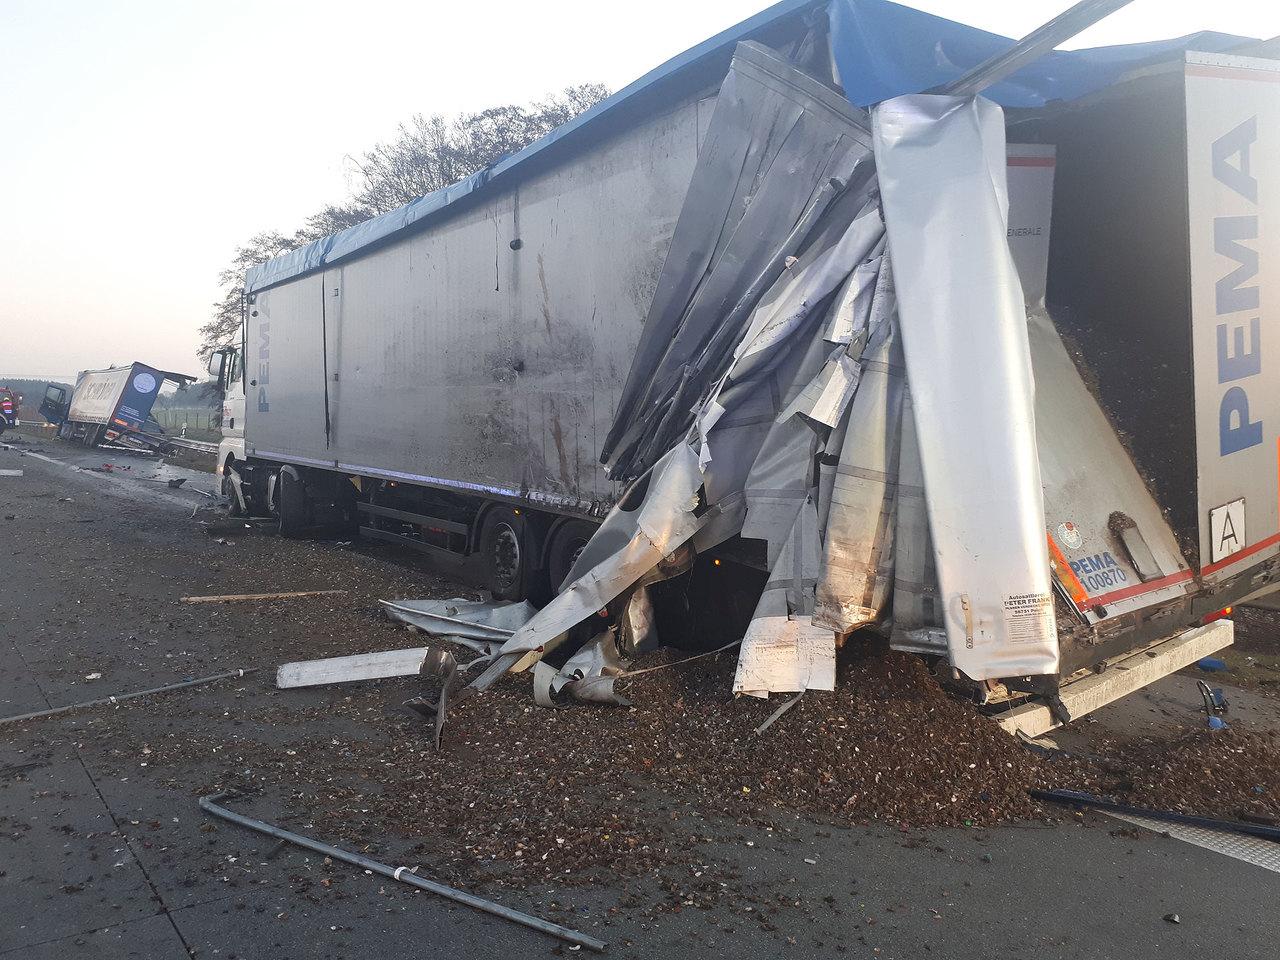 Ein Verletzter, zwei stark beschädigte Laster, verlorene Betriebsstoffe und Ladung: Feuerwehr, Rettungskräfte und Polizei hatten am Montagmorgen auf der A1 alle Hände voll zu tun.